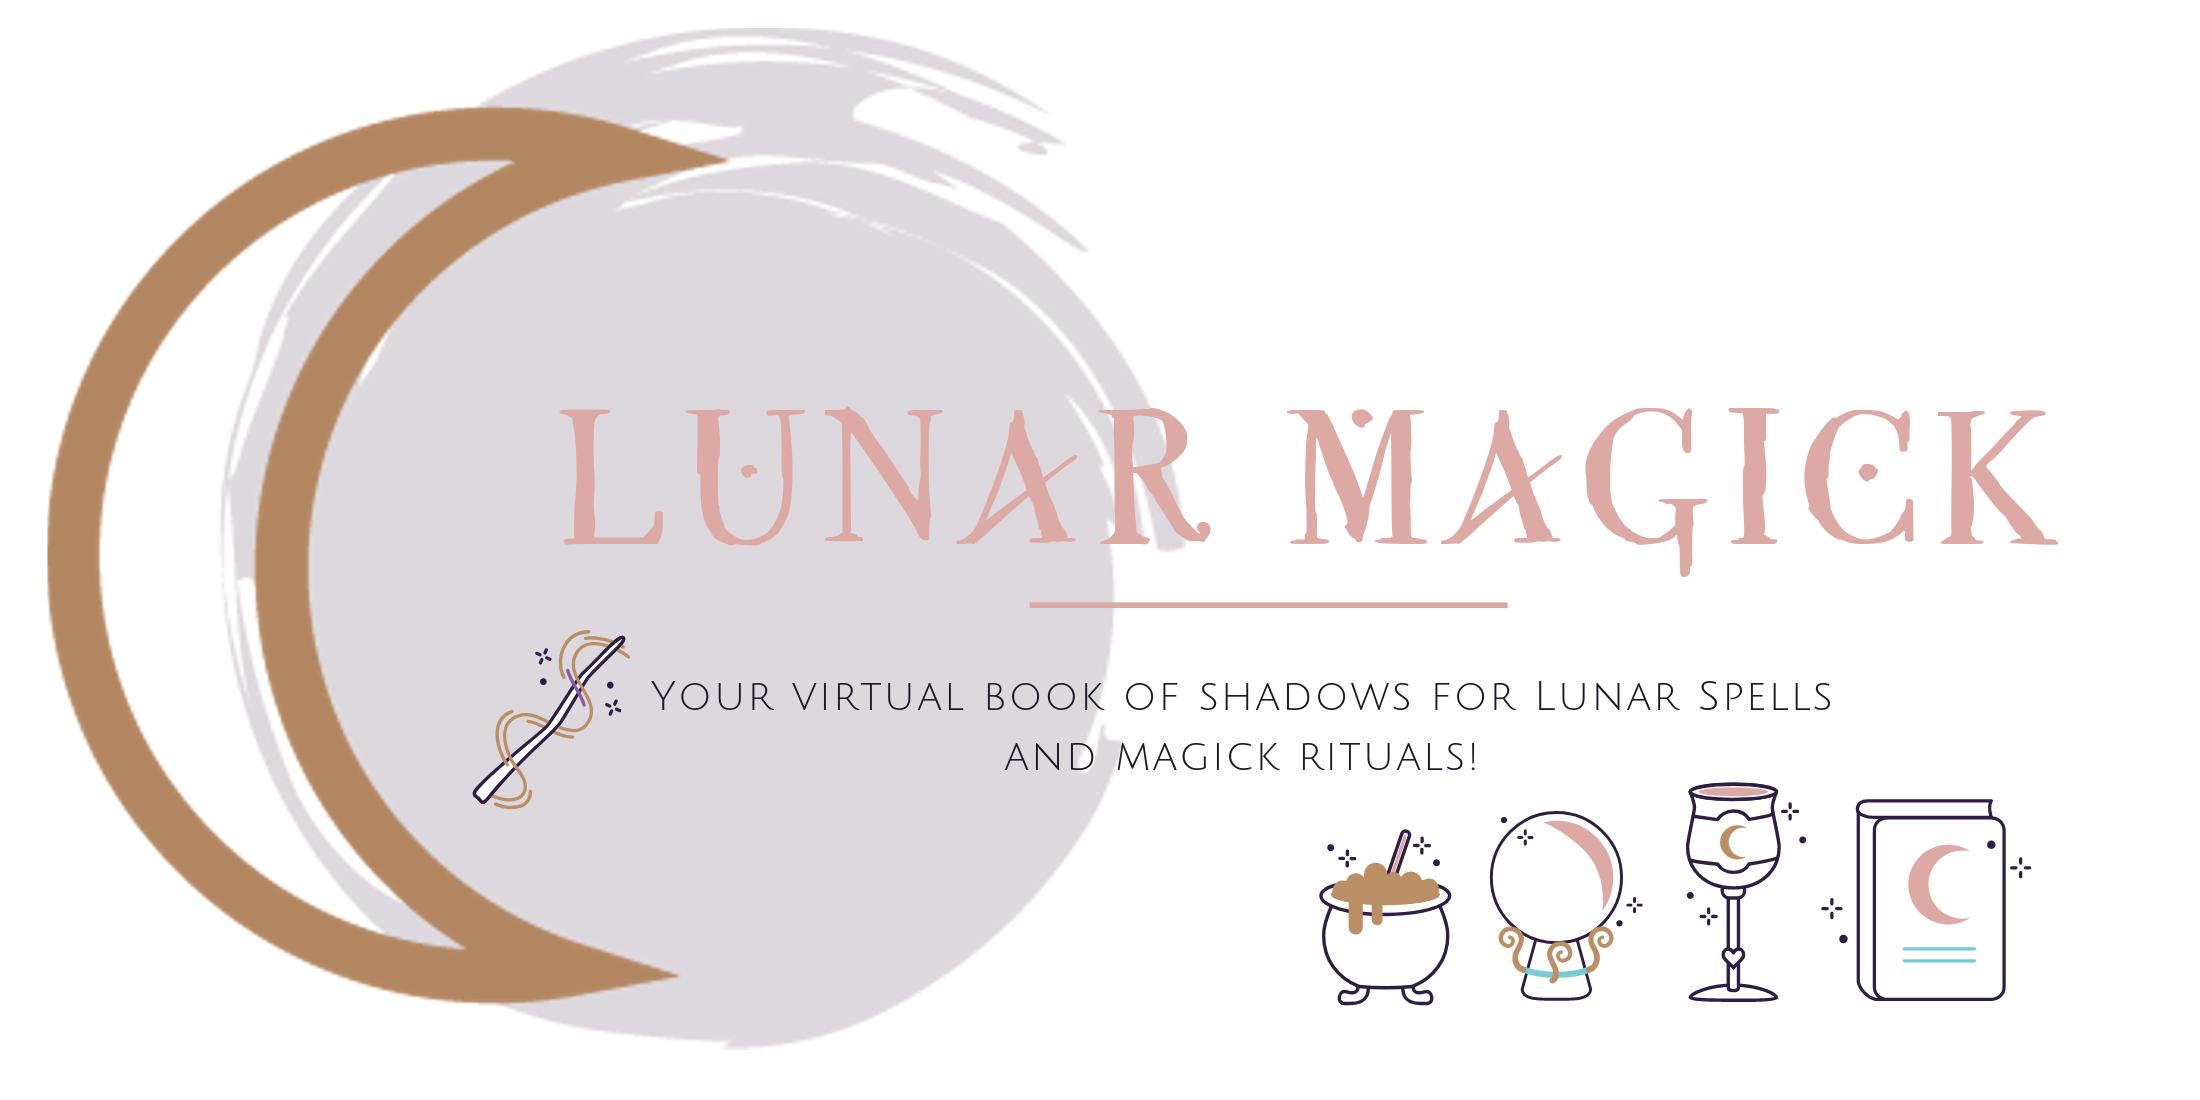 Copy of Lunar Magick.png